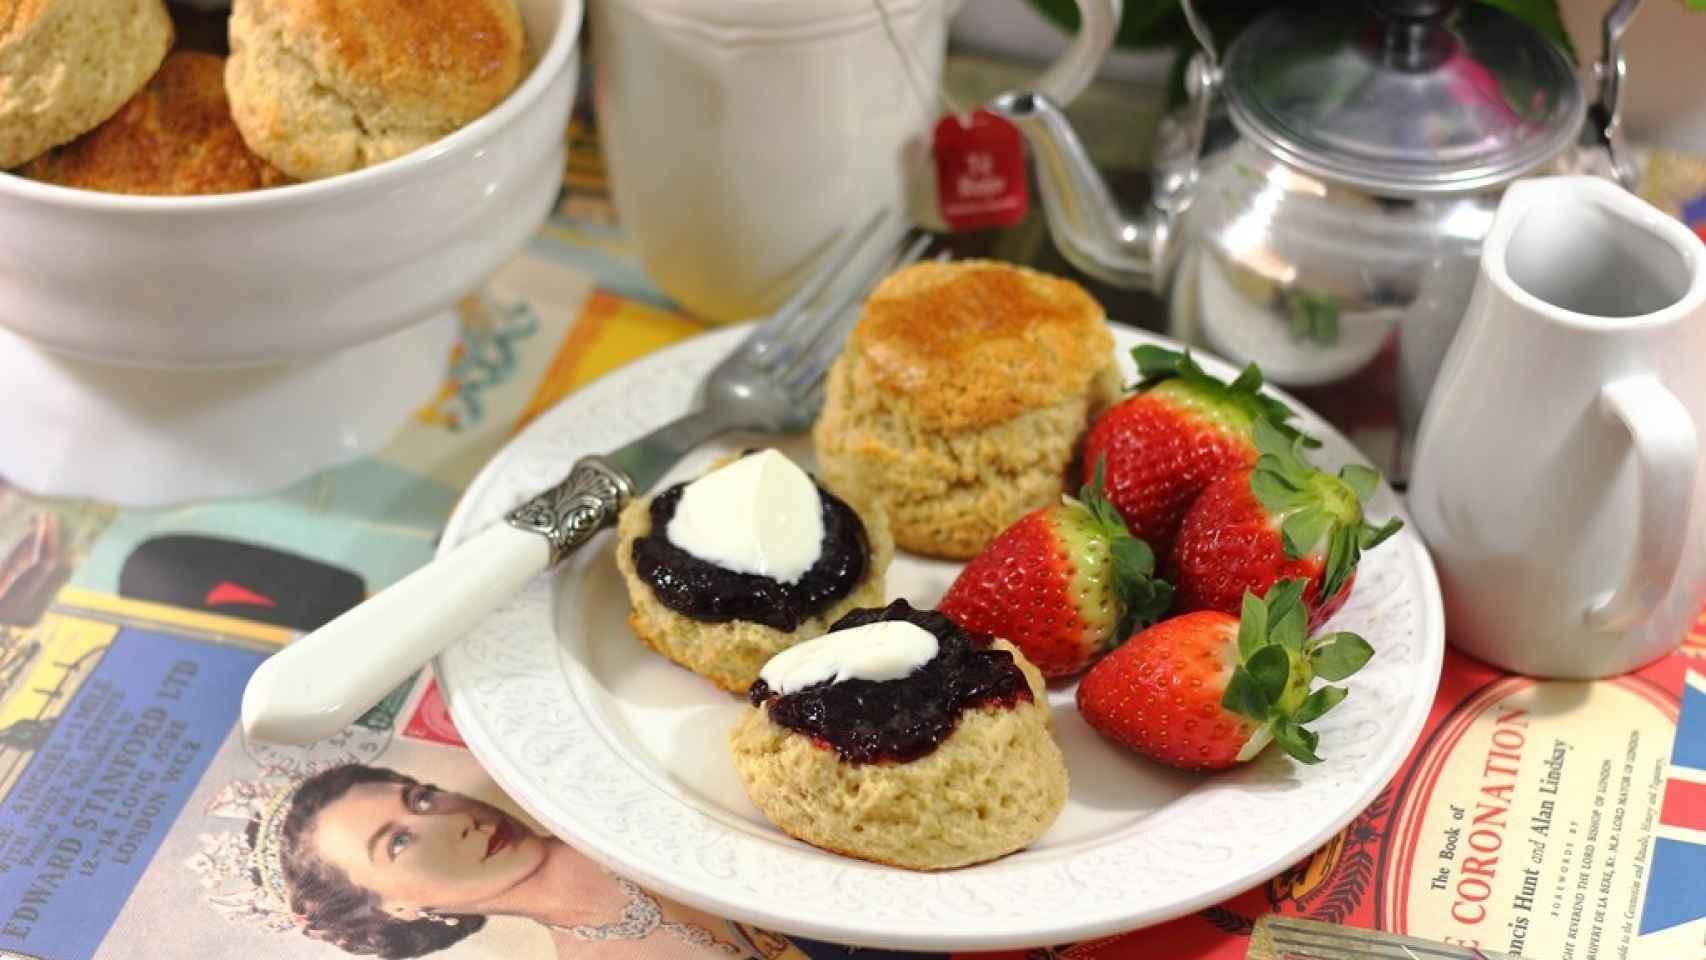 Servimos con mermelada y clotted cream -en este caso fue yogur griego, :-) -